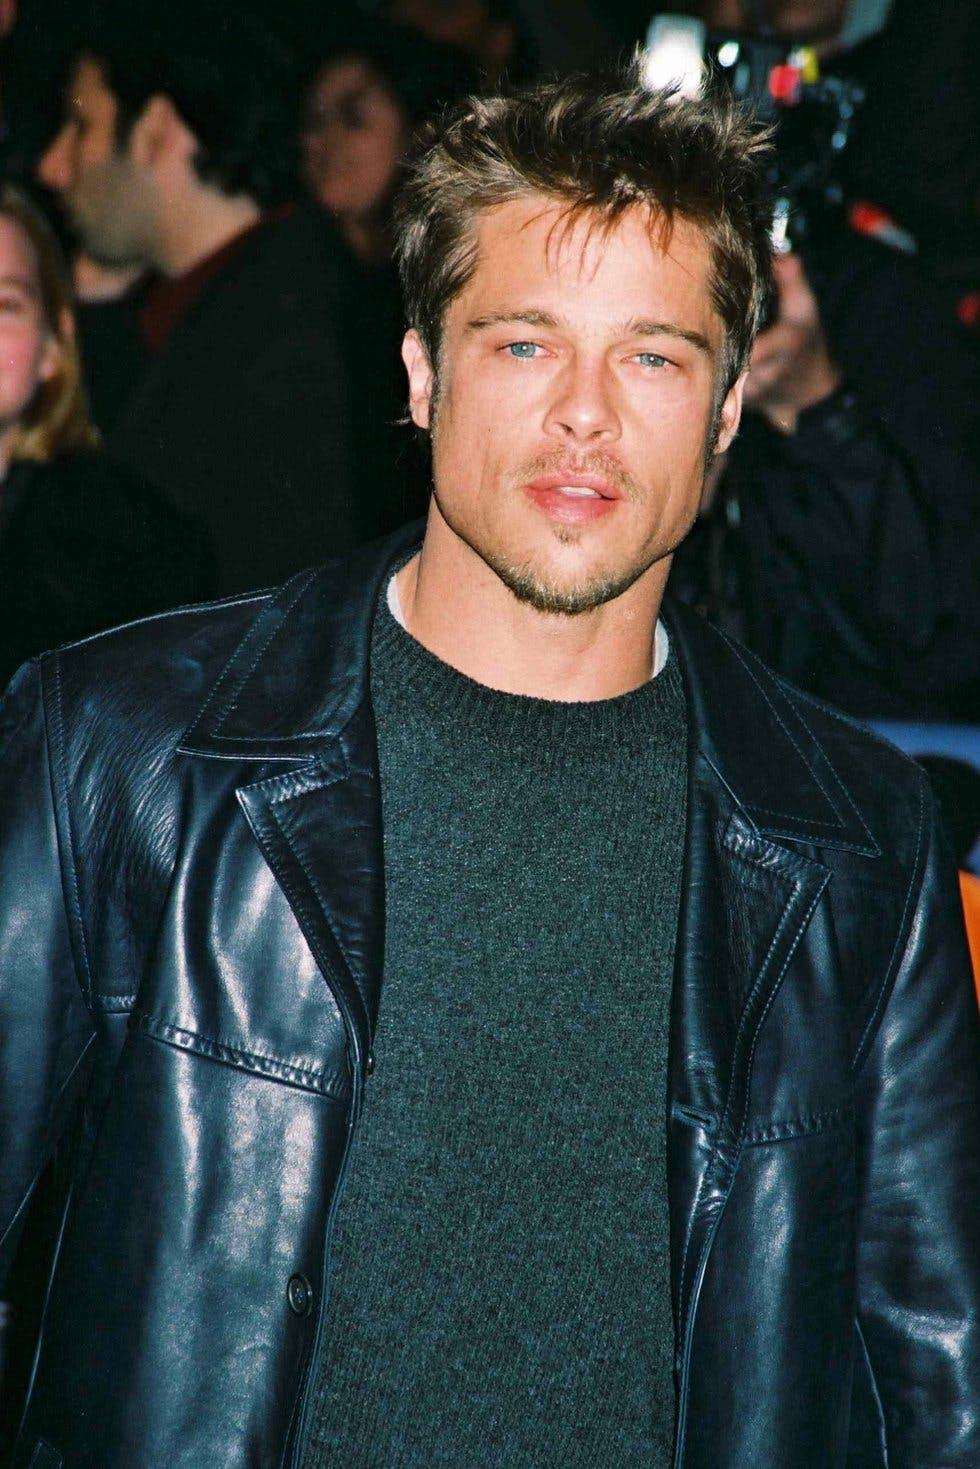 Brad Pitt turns 50